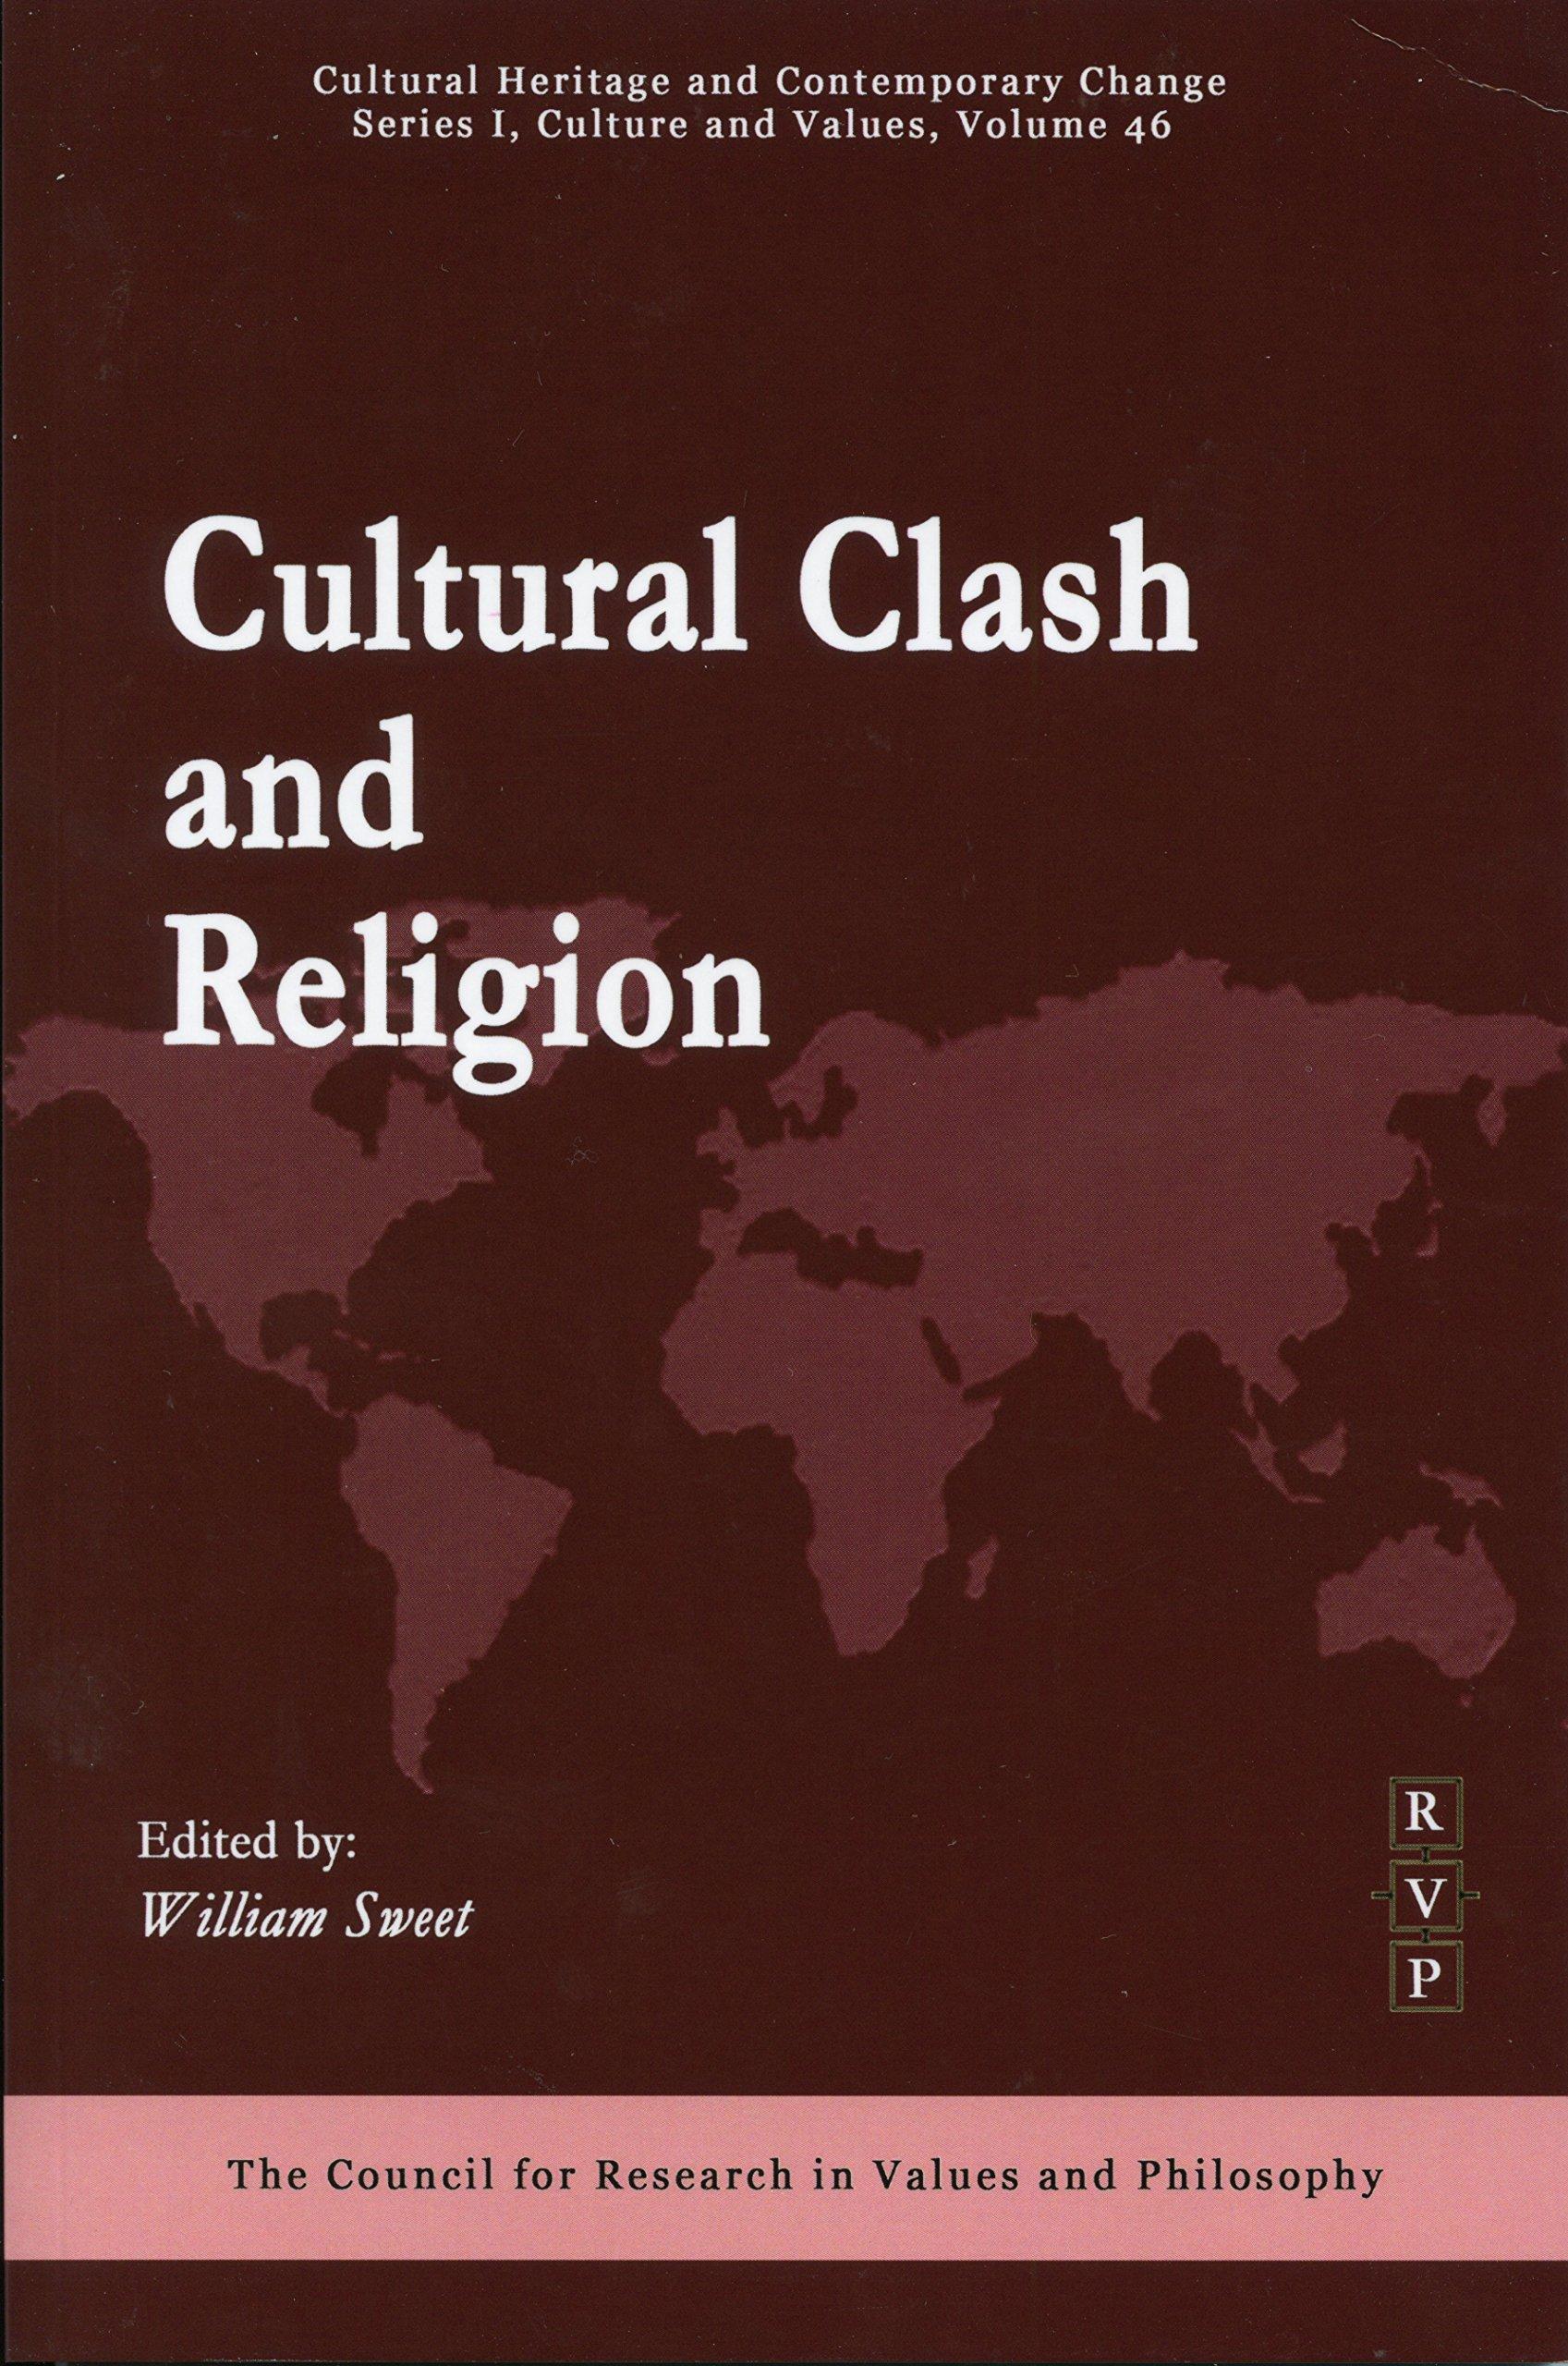 Read Online Cultural Clash and Religion (Ser. I, Vol. 46) pdf epub